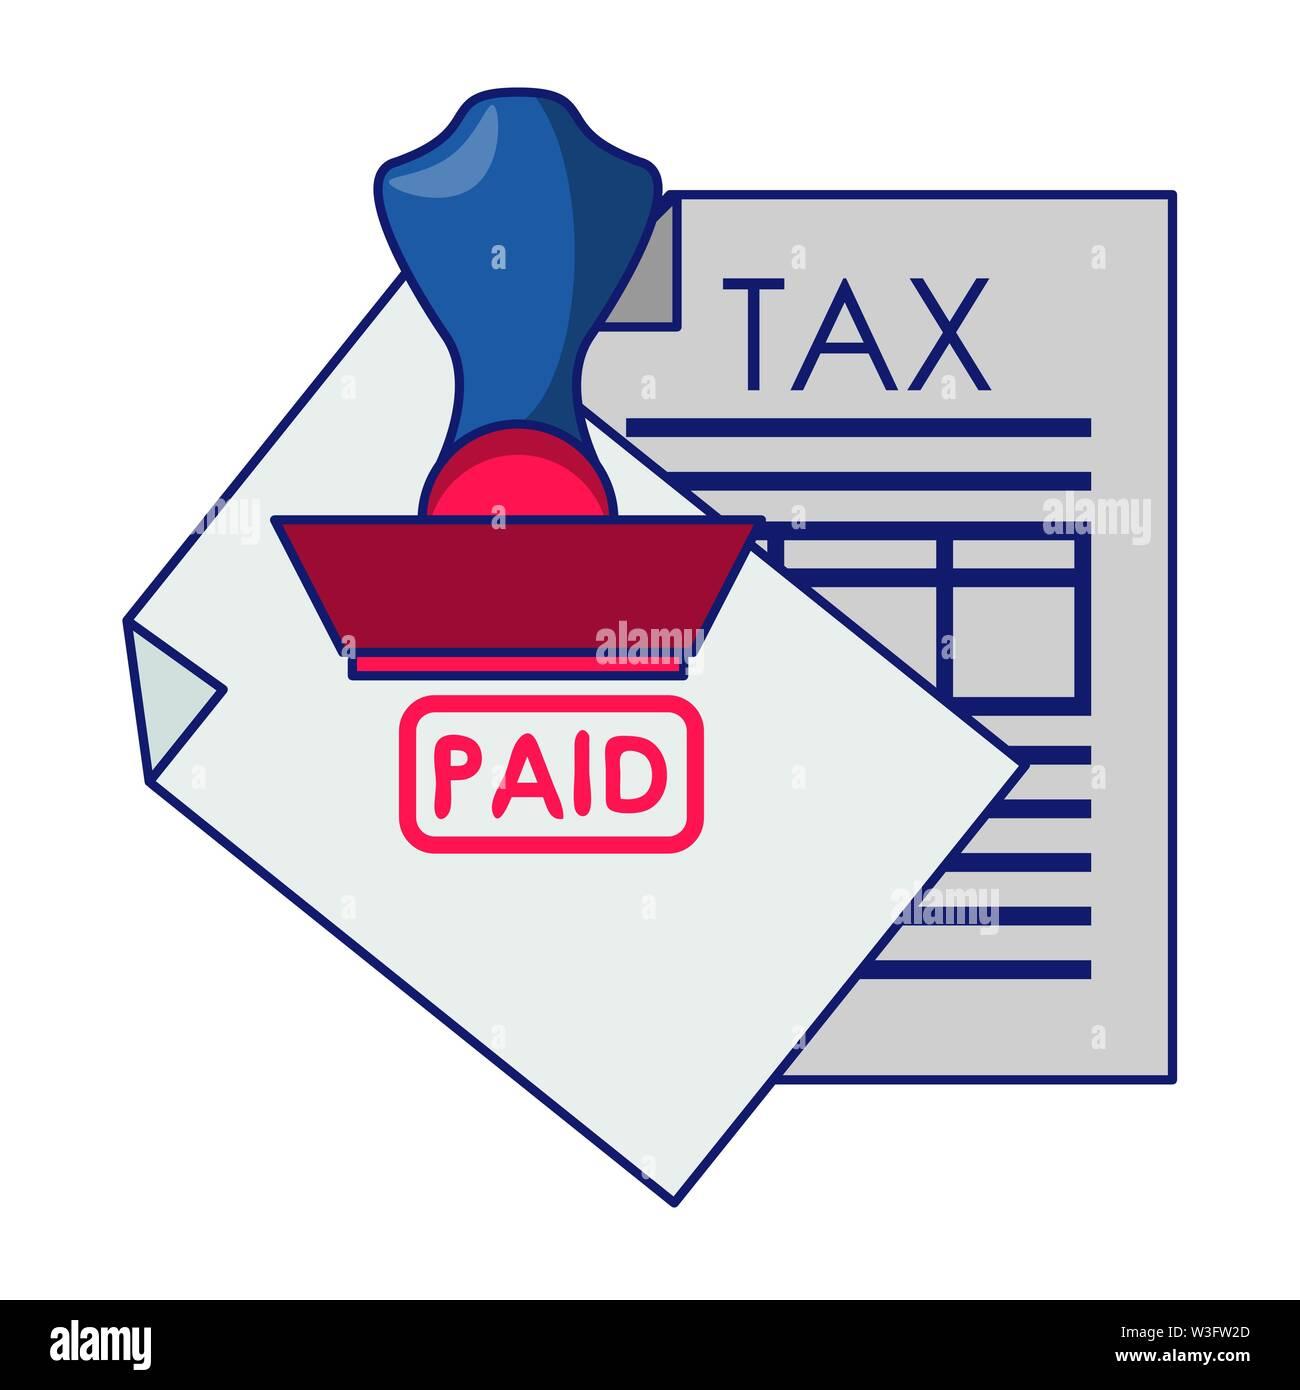 Landesregierung business balance Berechnung arbeiten Persönliche Finanzierung zahlung Elemente cartoon Vector Illustration graphic design Stockbild